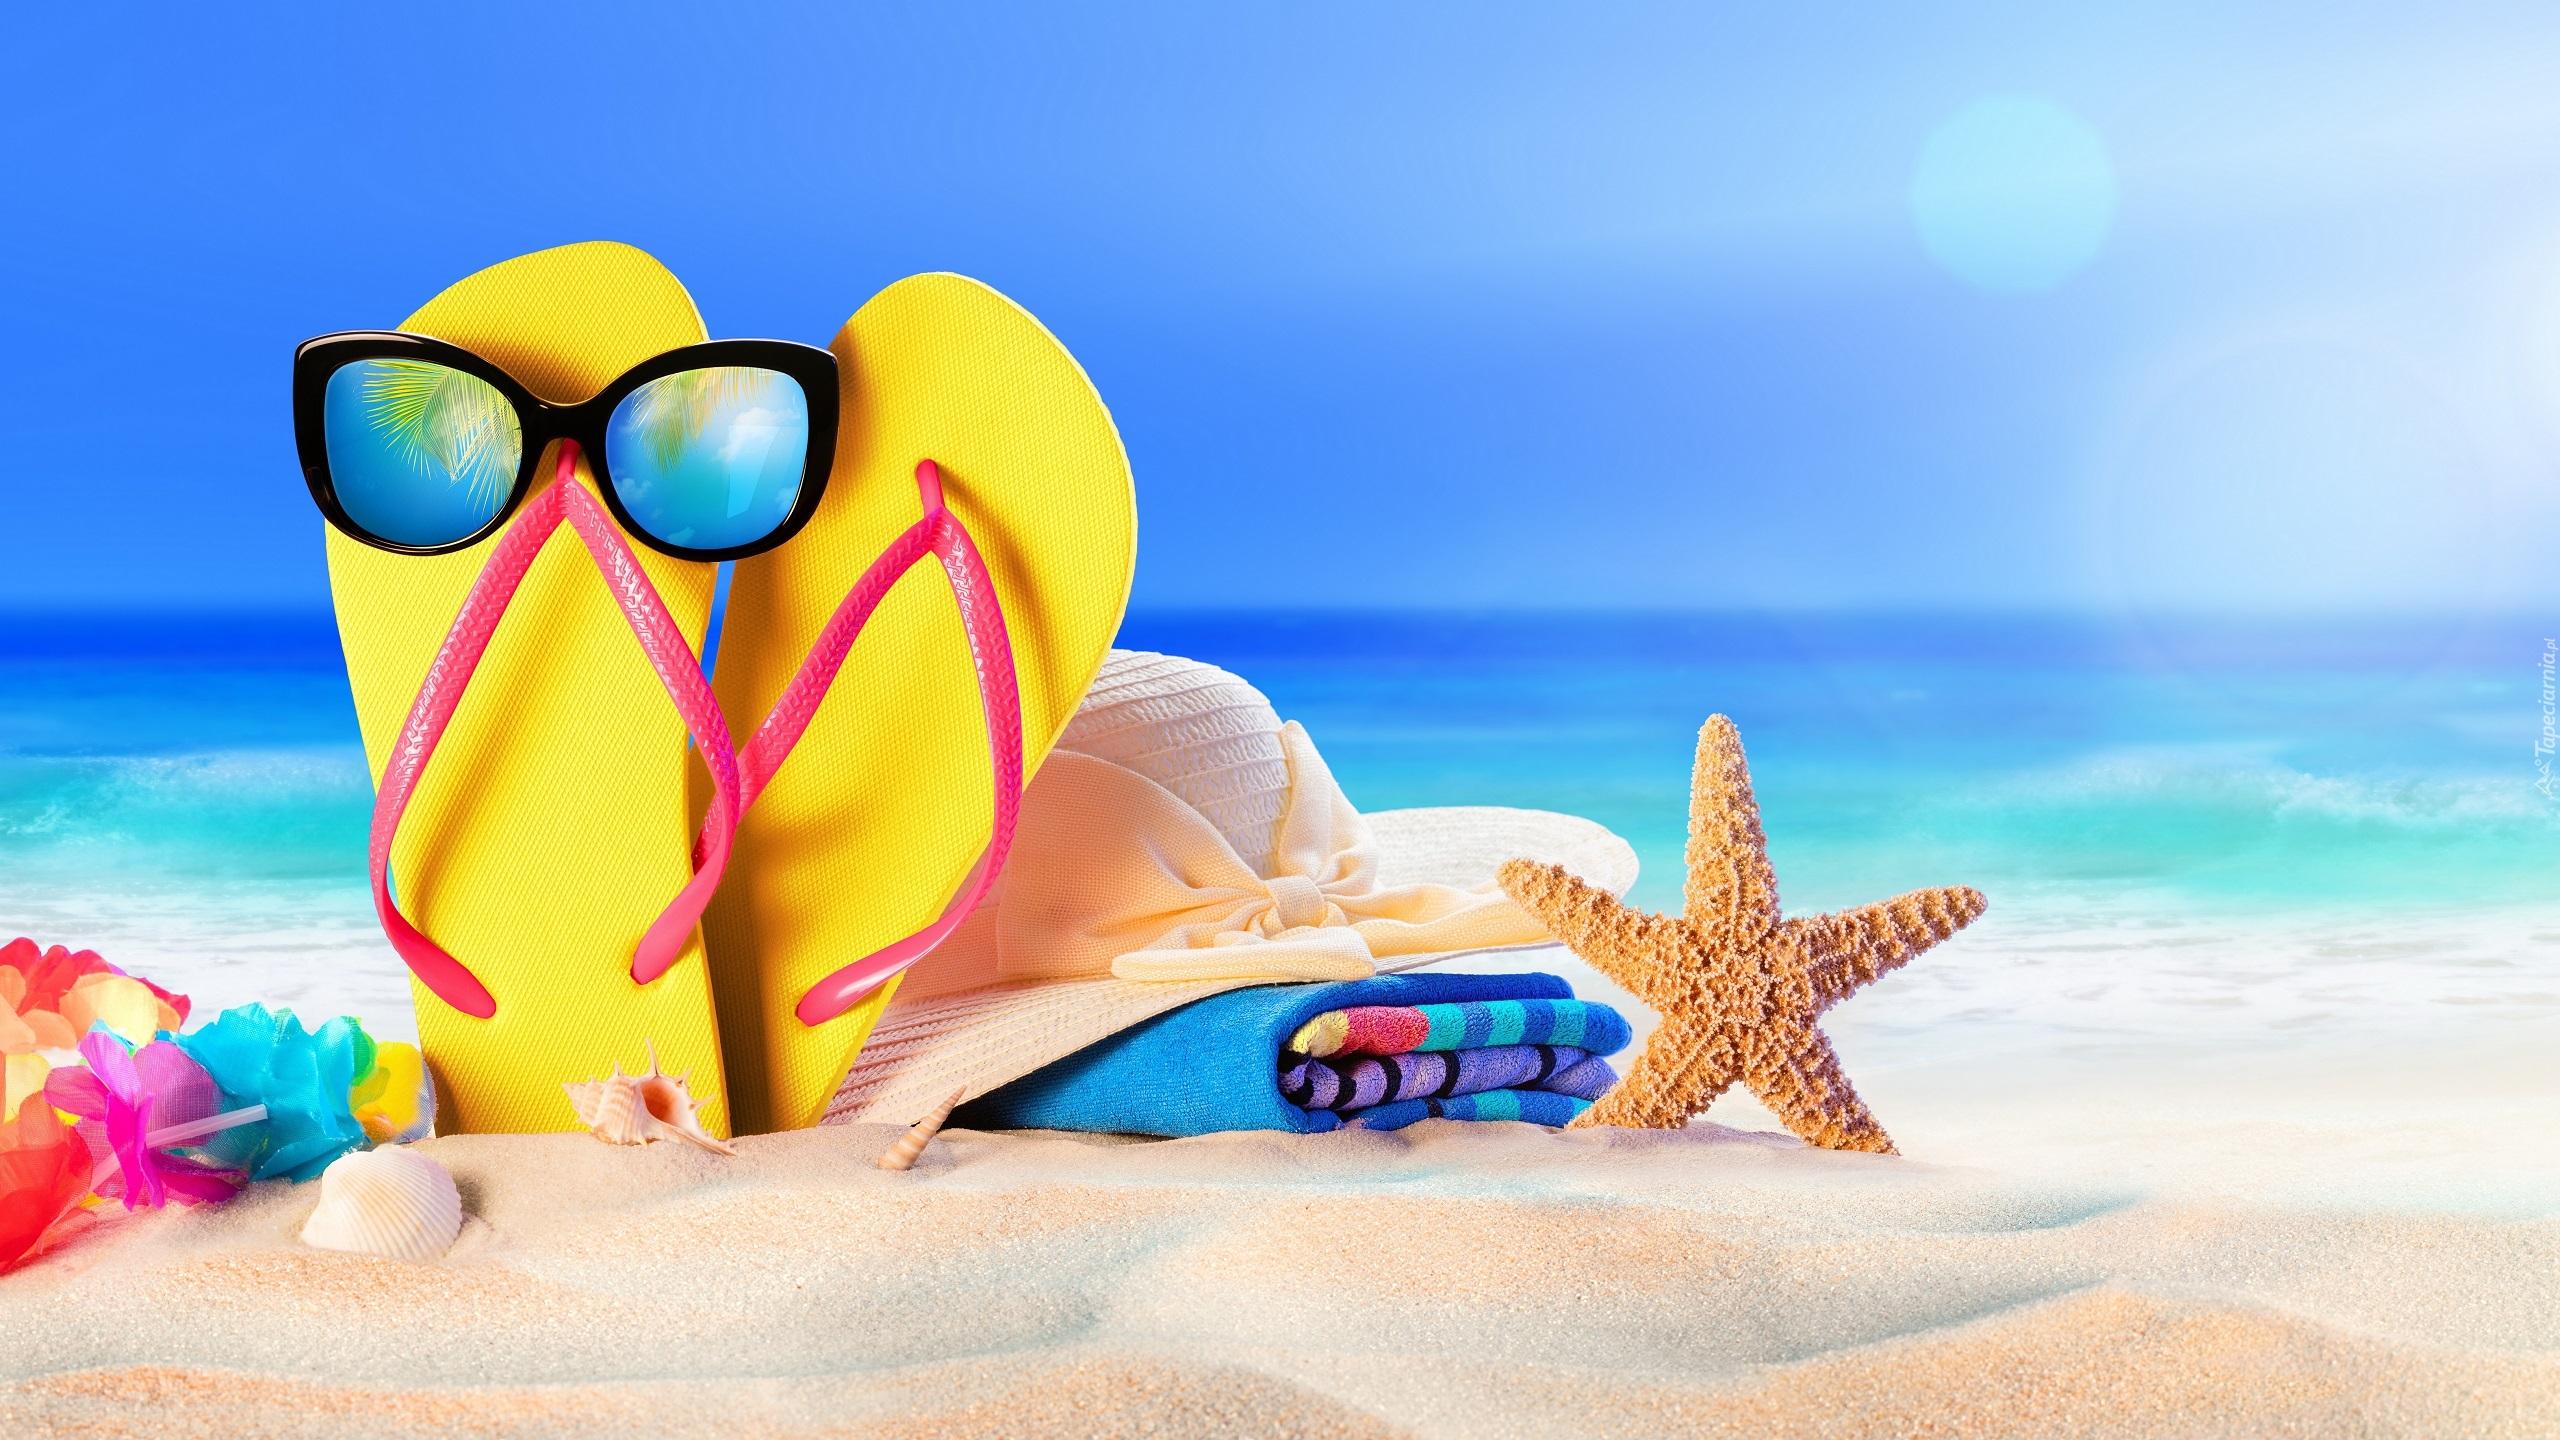 tapeta okulary na klapkach kapelusz na reczniku i rozgwiazda na plazy - Qutie is klaar voor de vakantie!